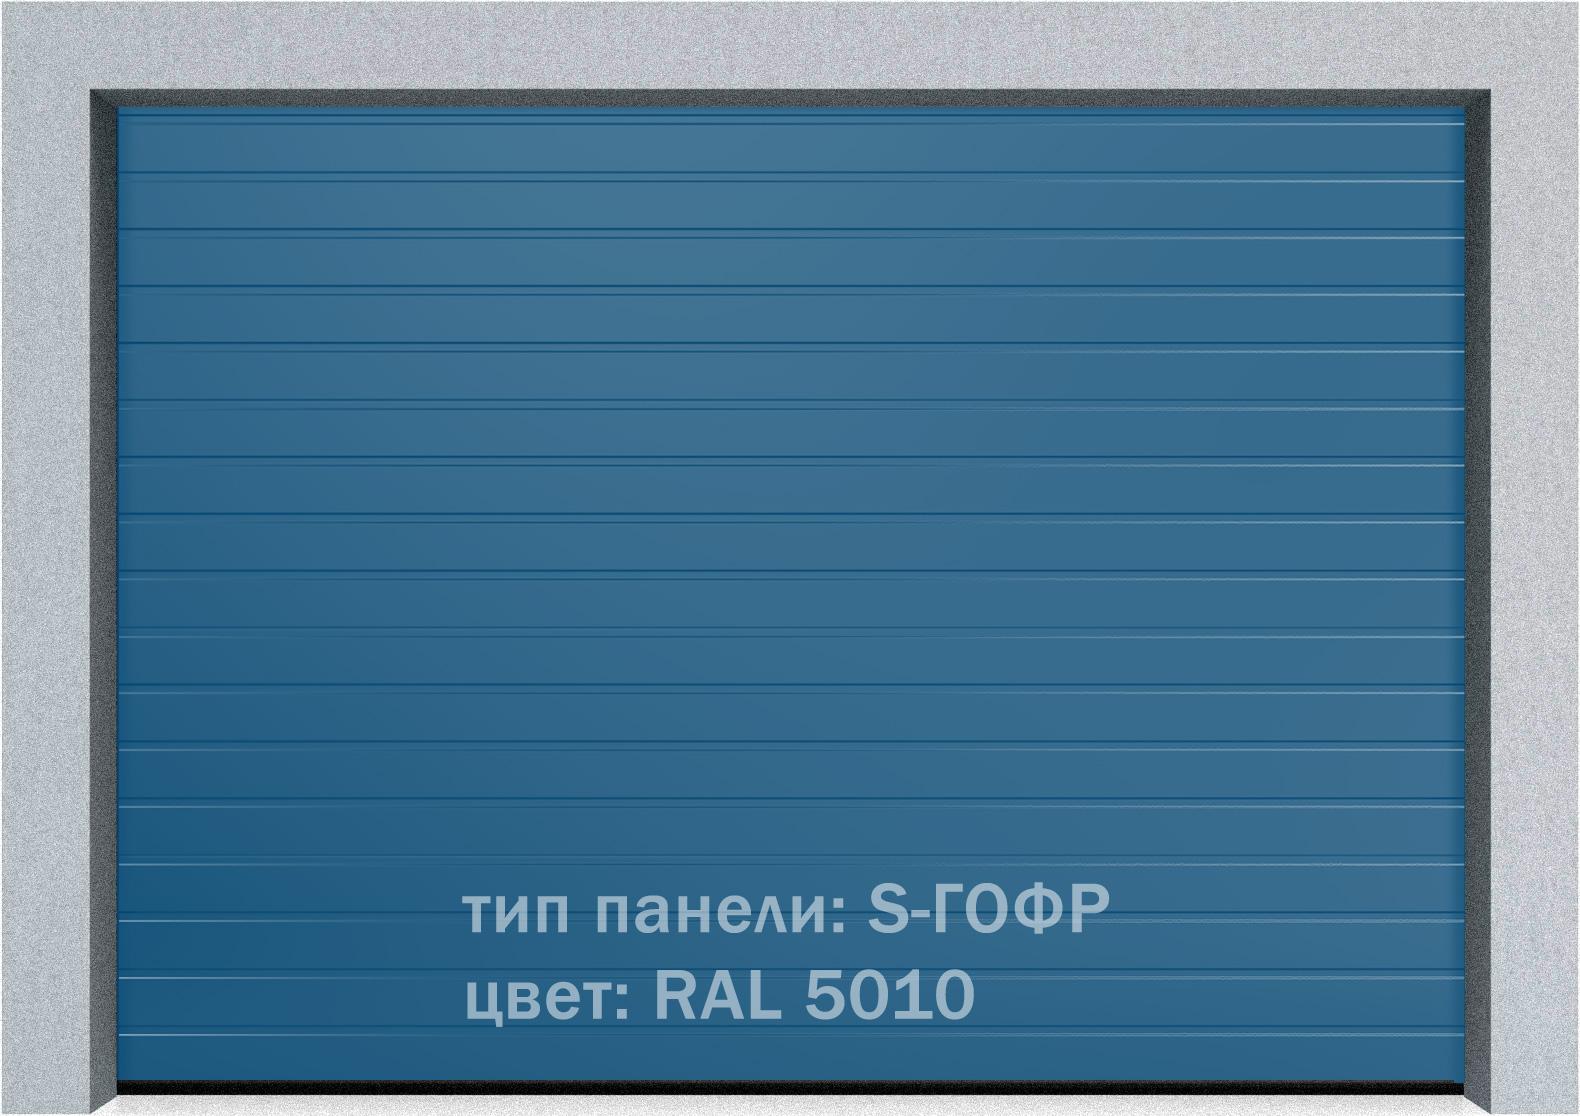 Секционные промышленные ворота Alutech ProTrend 1750х2500 S-гофр, Микроволна стандартные цвета, фото 6